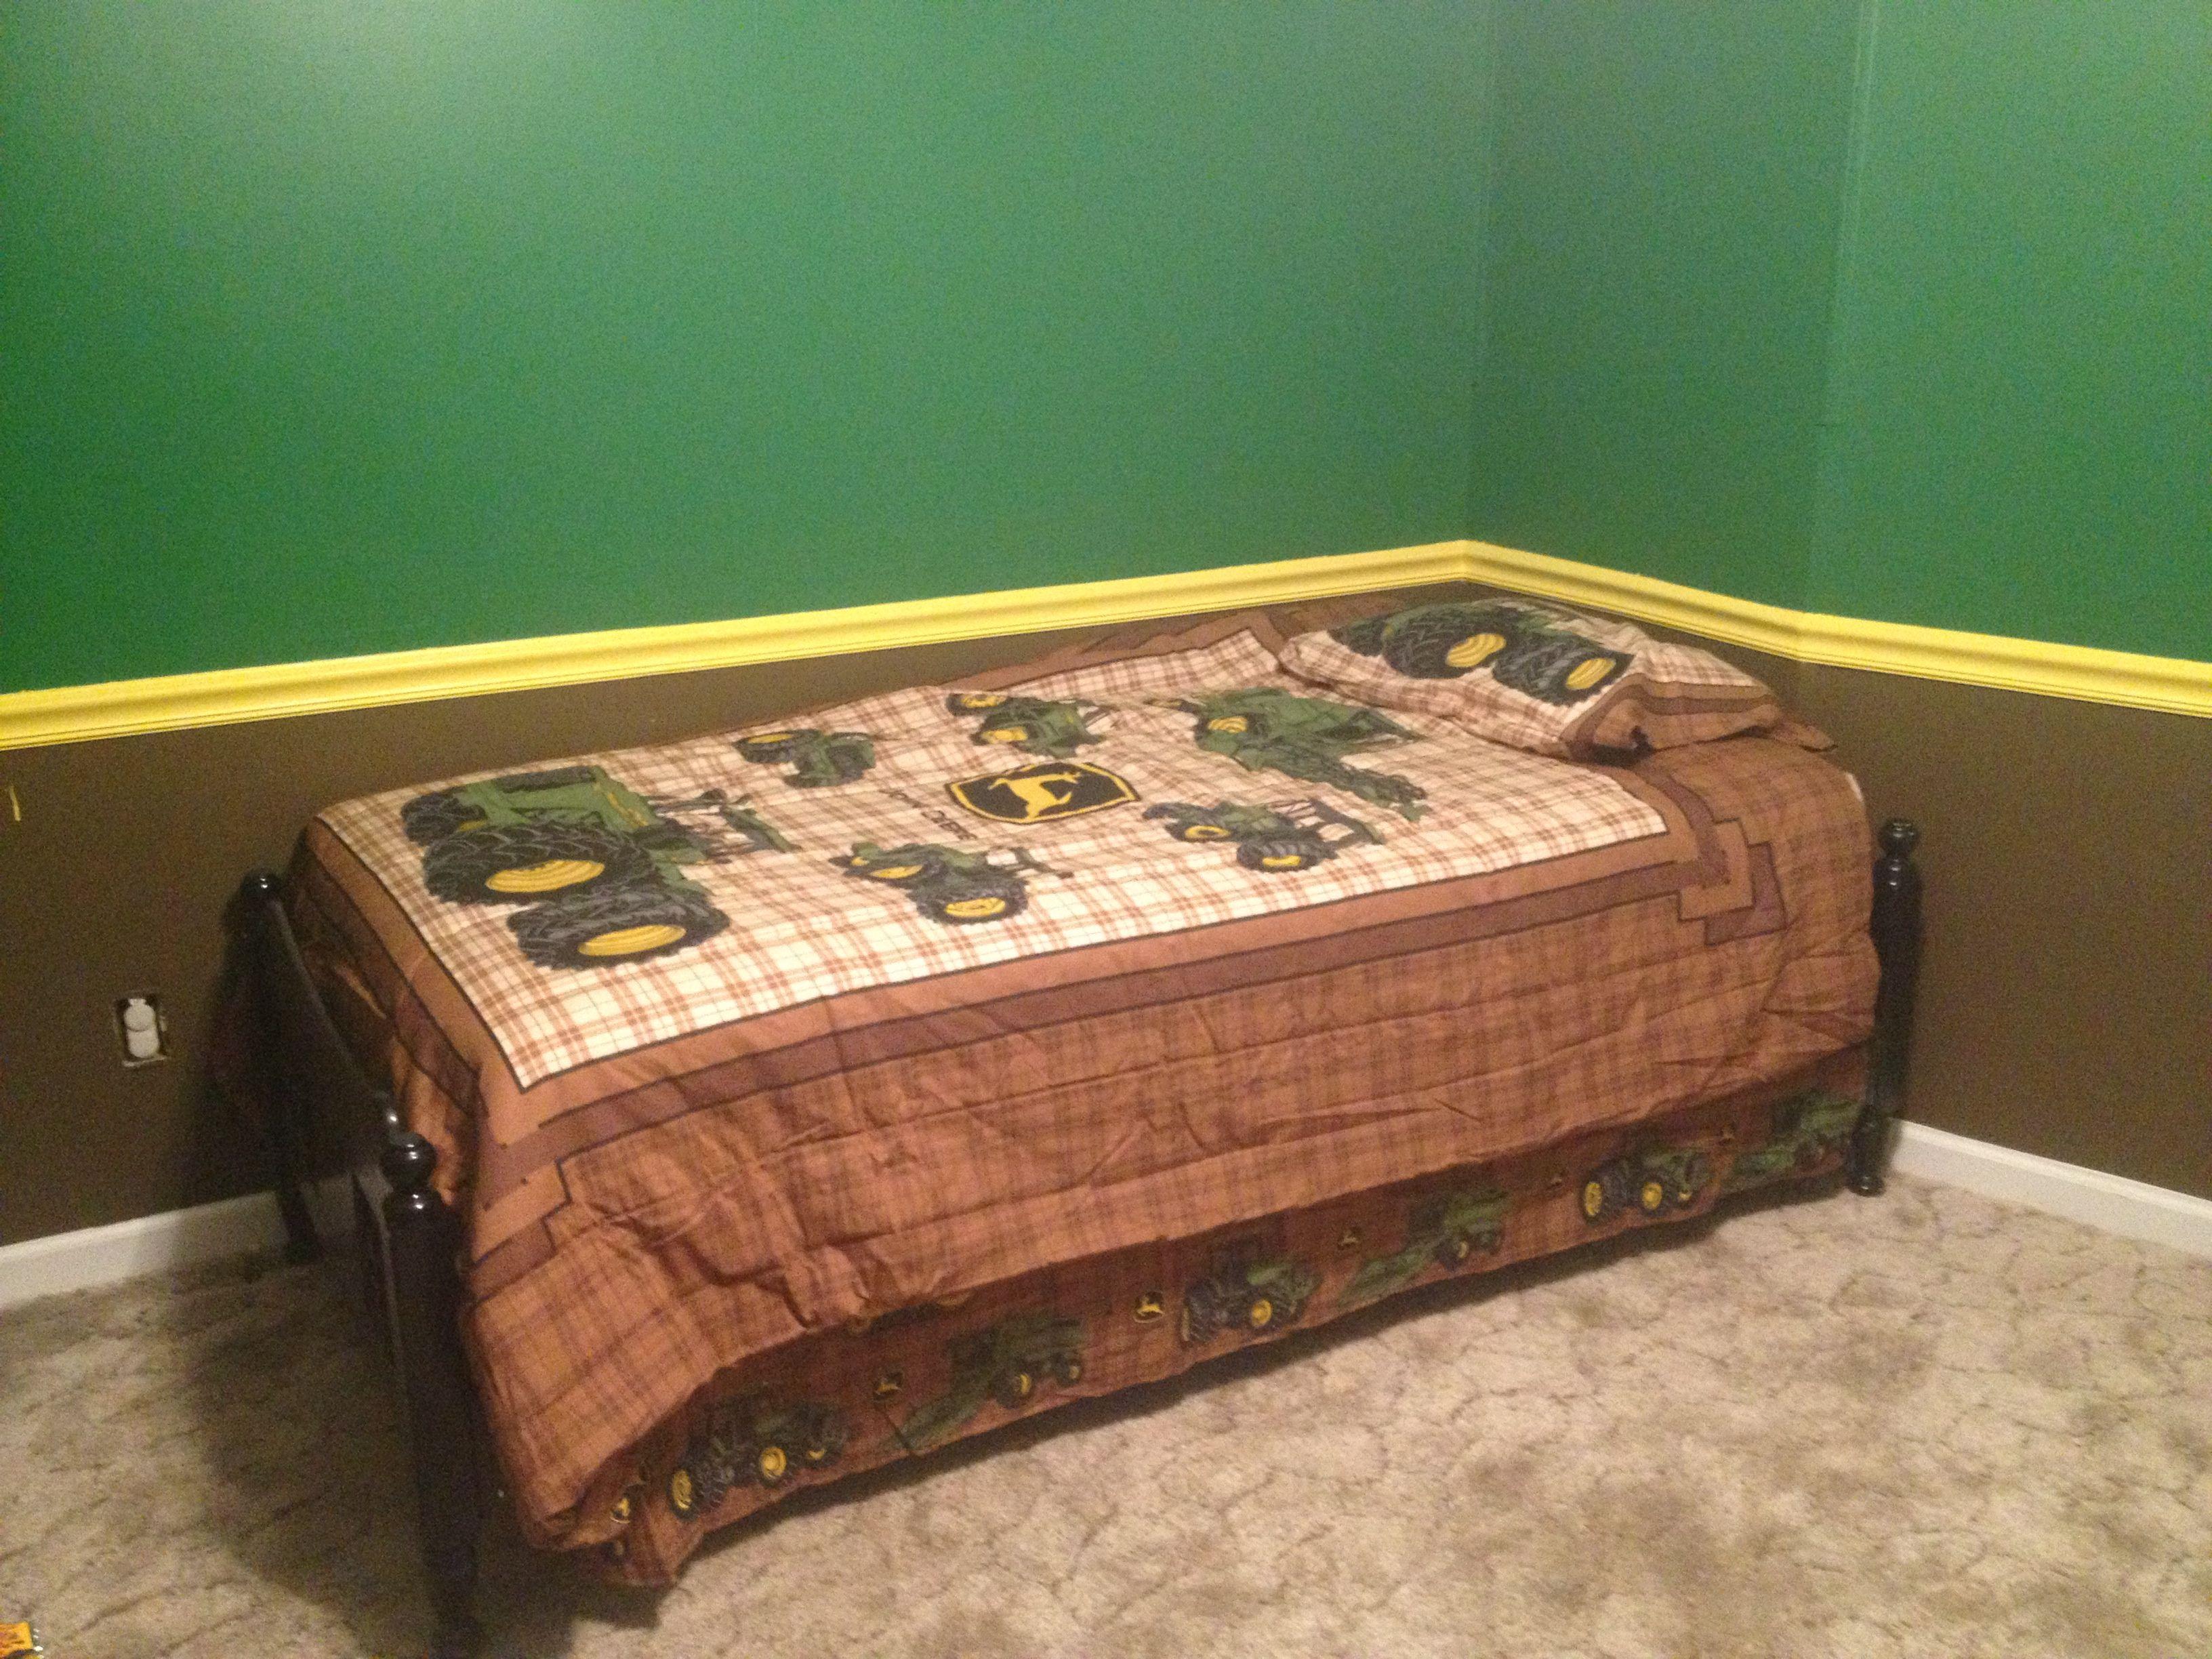 My 4 Year Oldu0027s John Deere Bedroom!